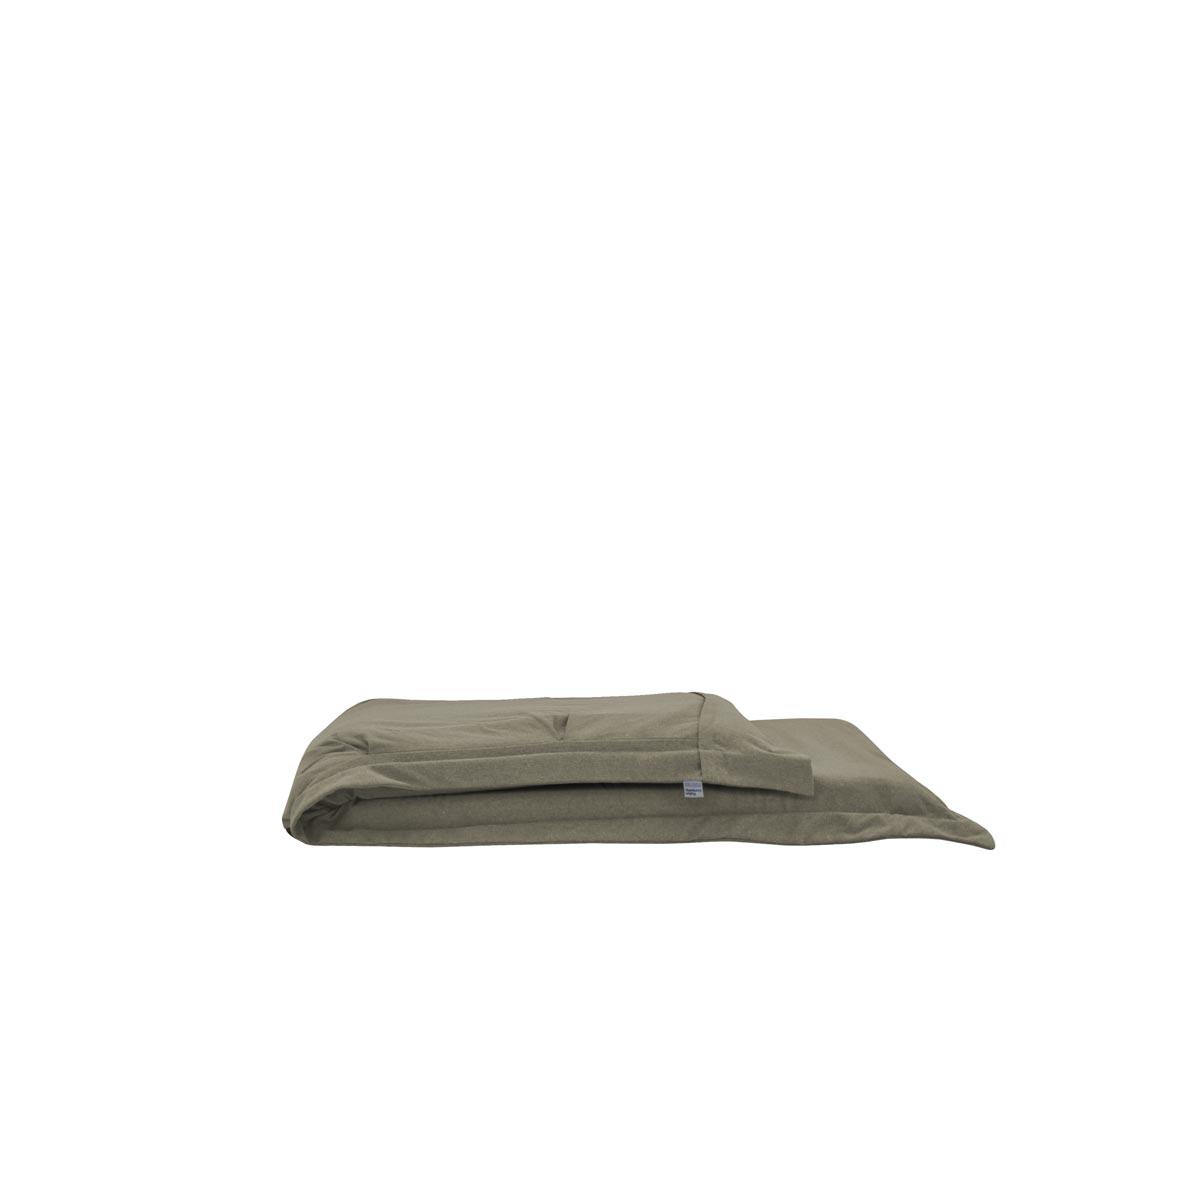 Pufe ClicClac Uno Lounge Tecido Ecolona Natural 03 03